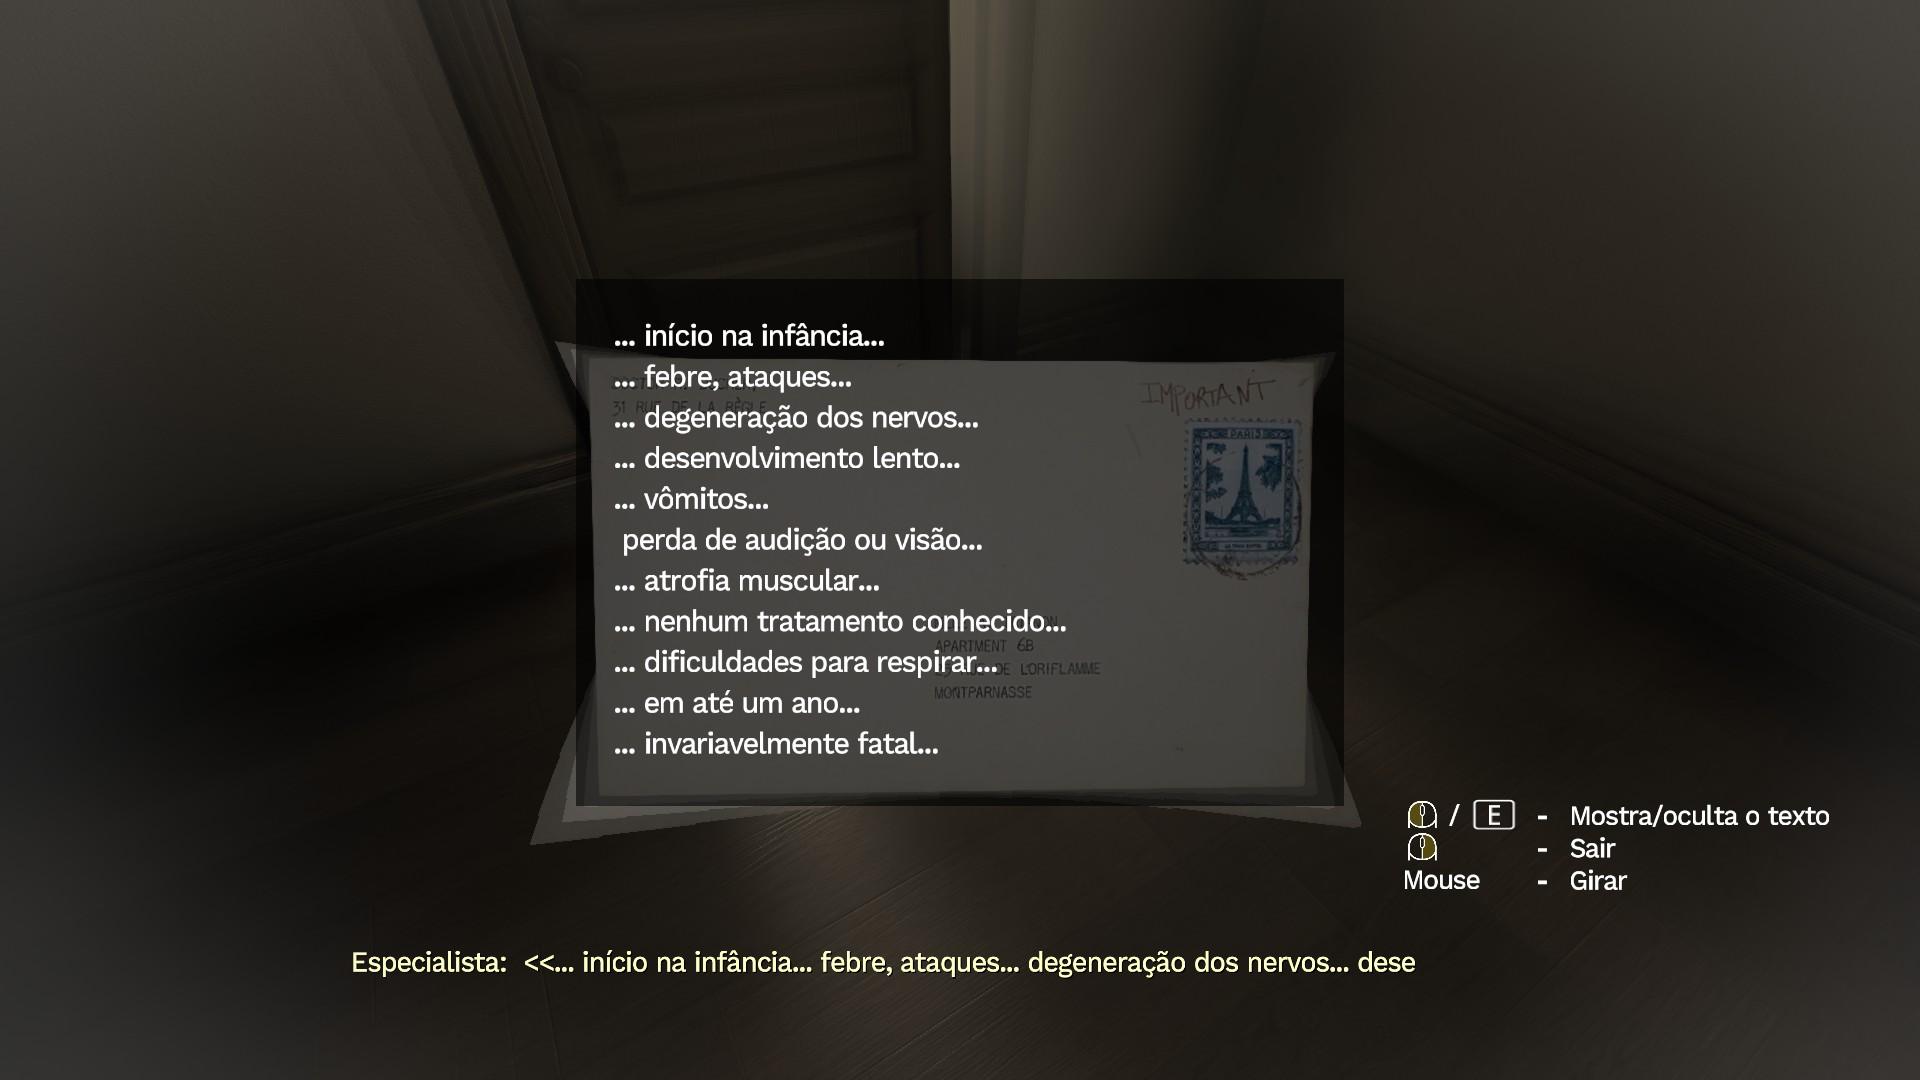 Top 10 métodos de como deixar o jogador triste: carta fictícia de doutor fictício descrevendo uma doença cruel e incurável.